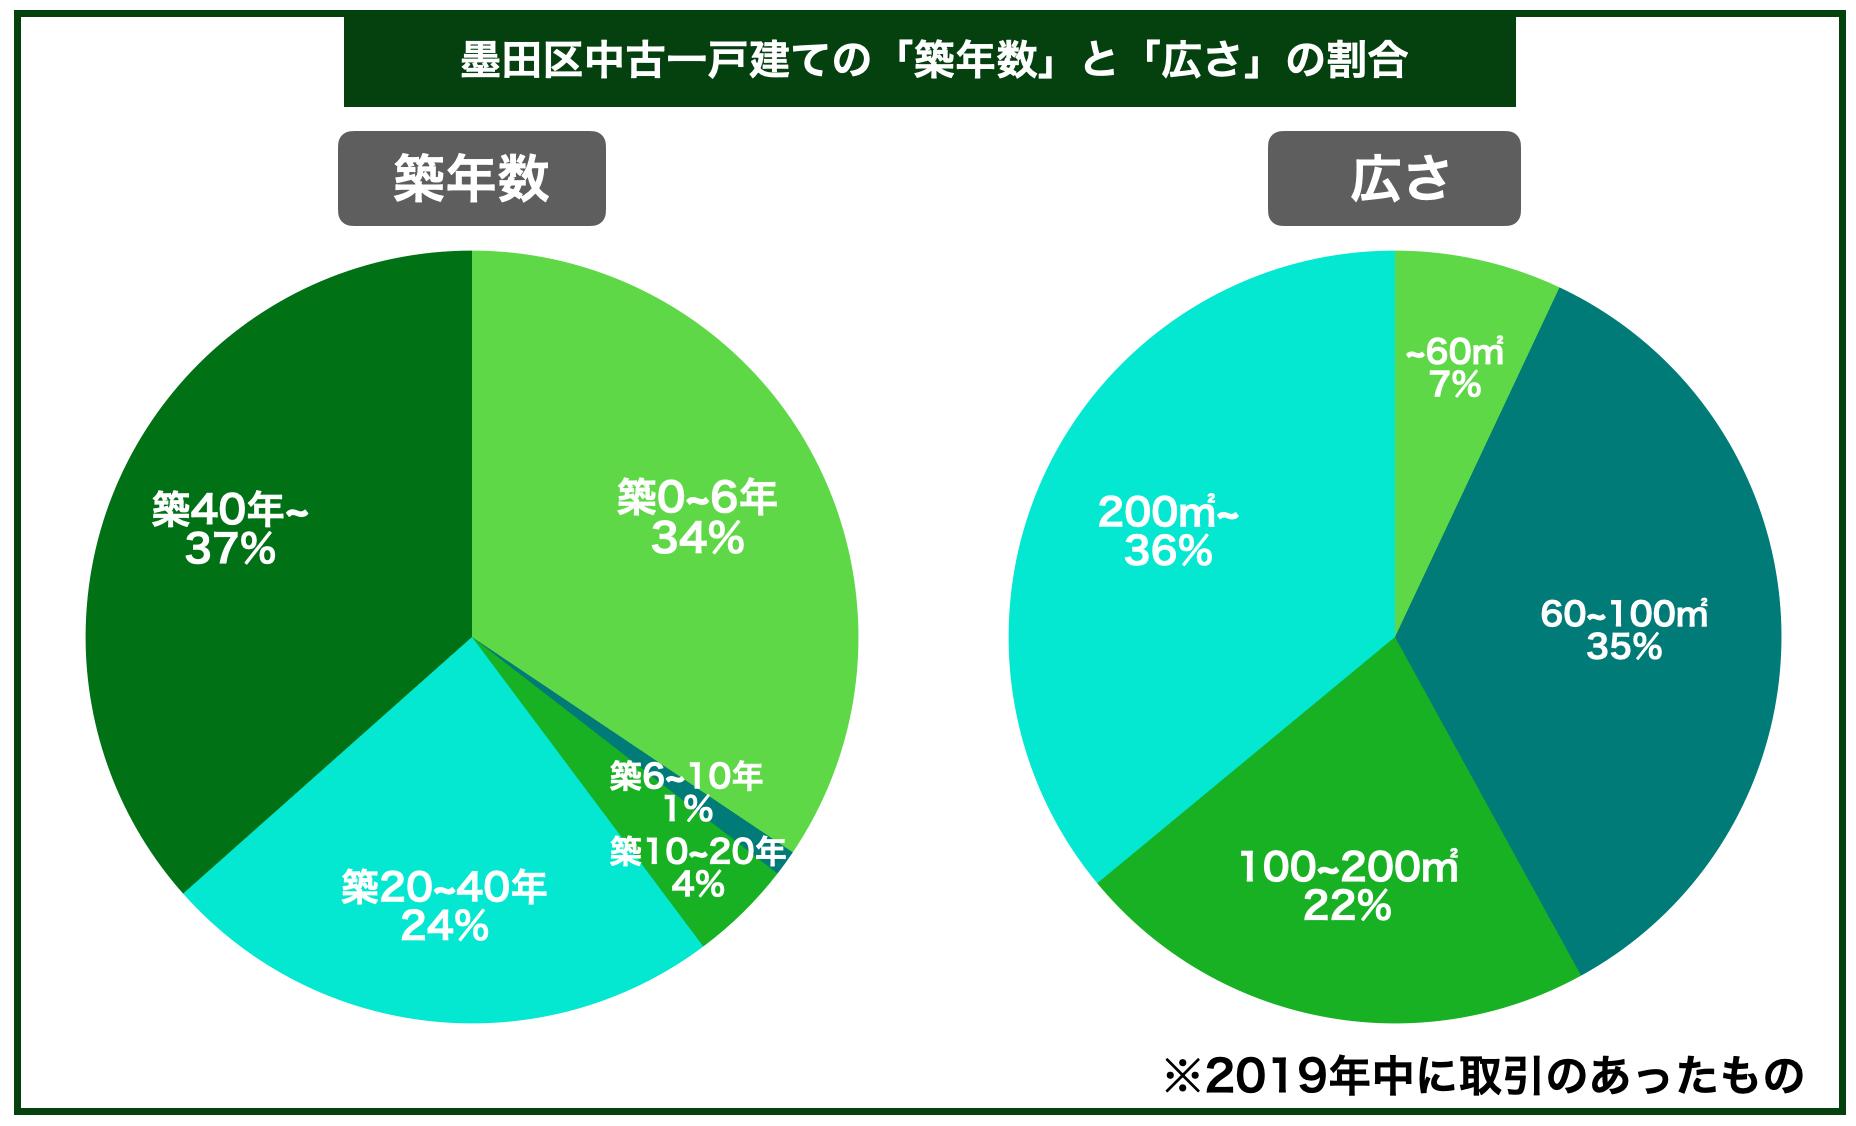 墨田区中古一戸建ての平均築年数と広さの割合